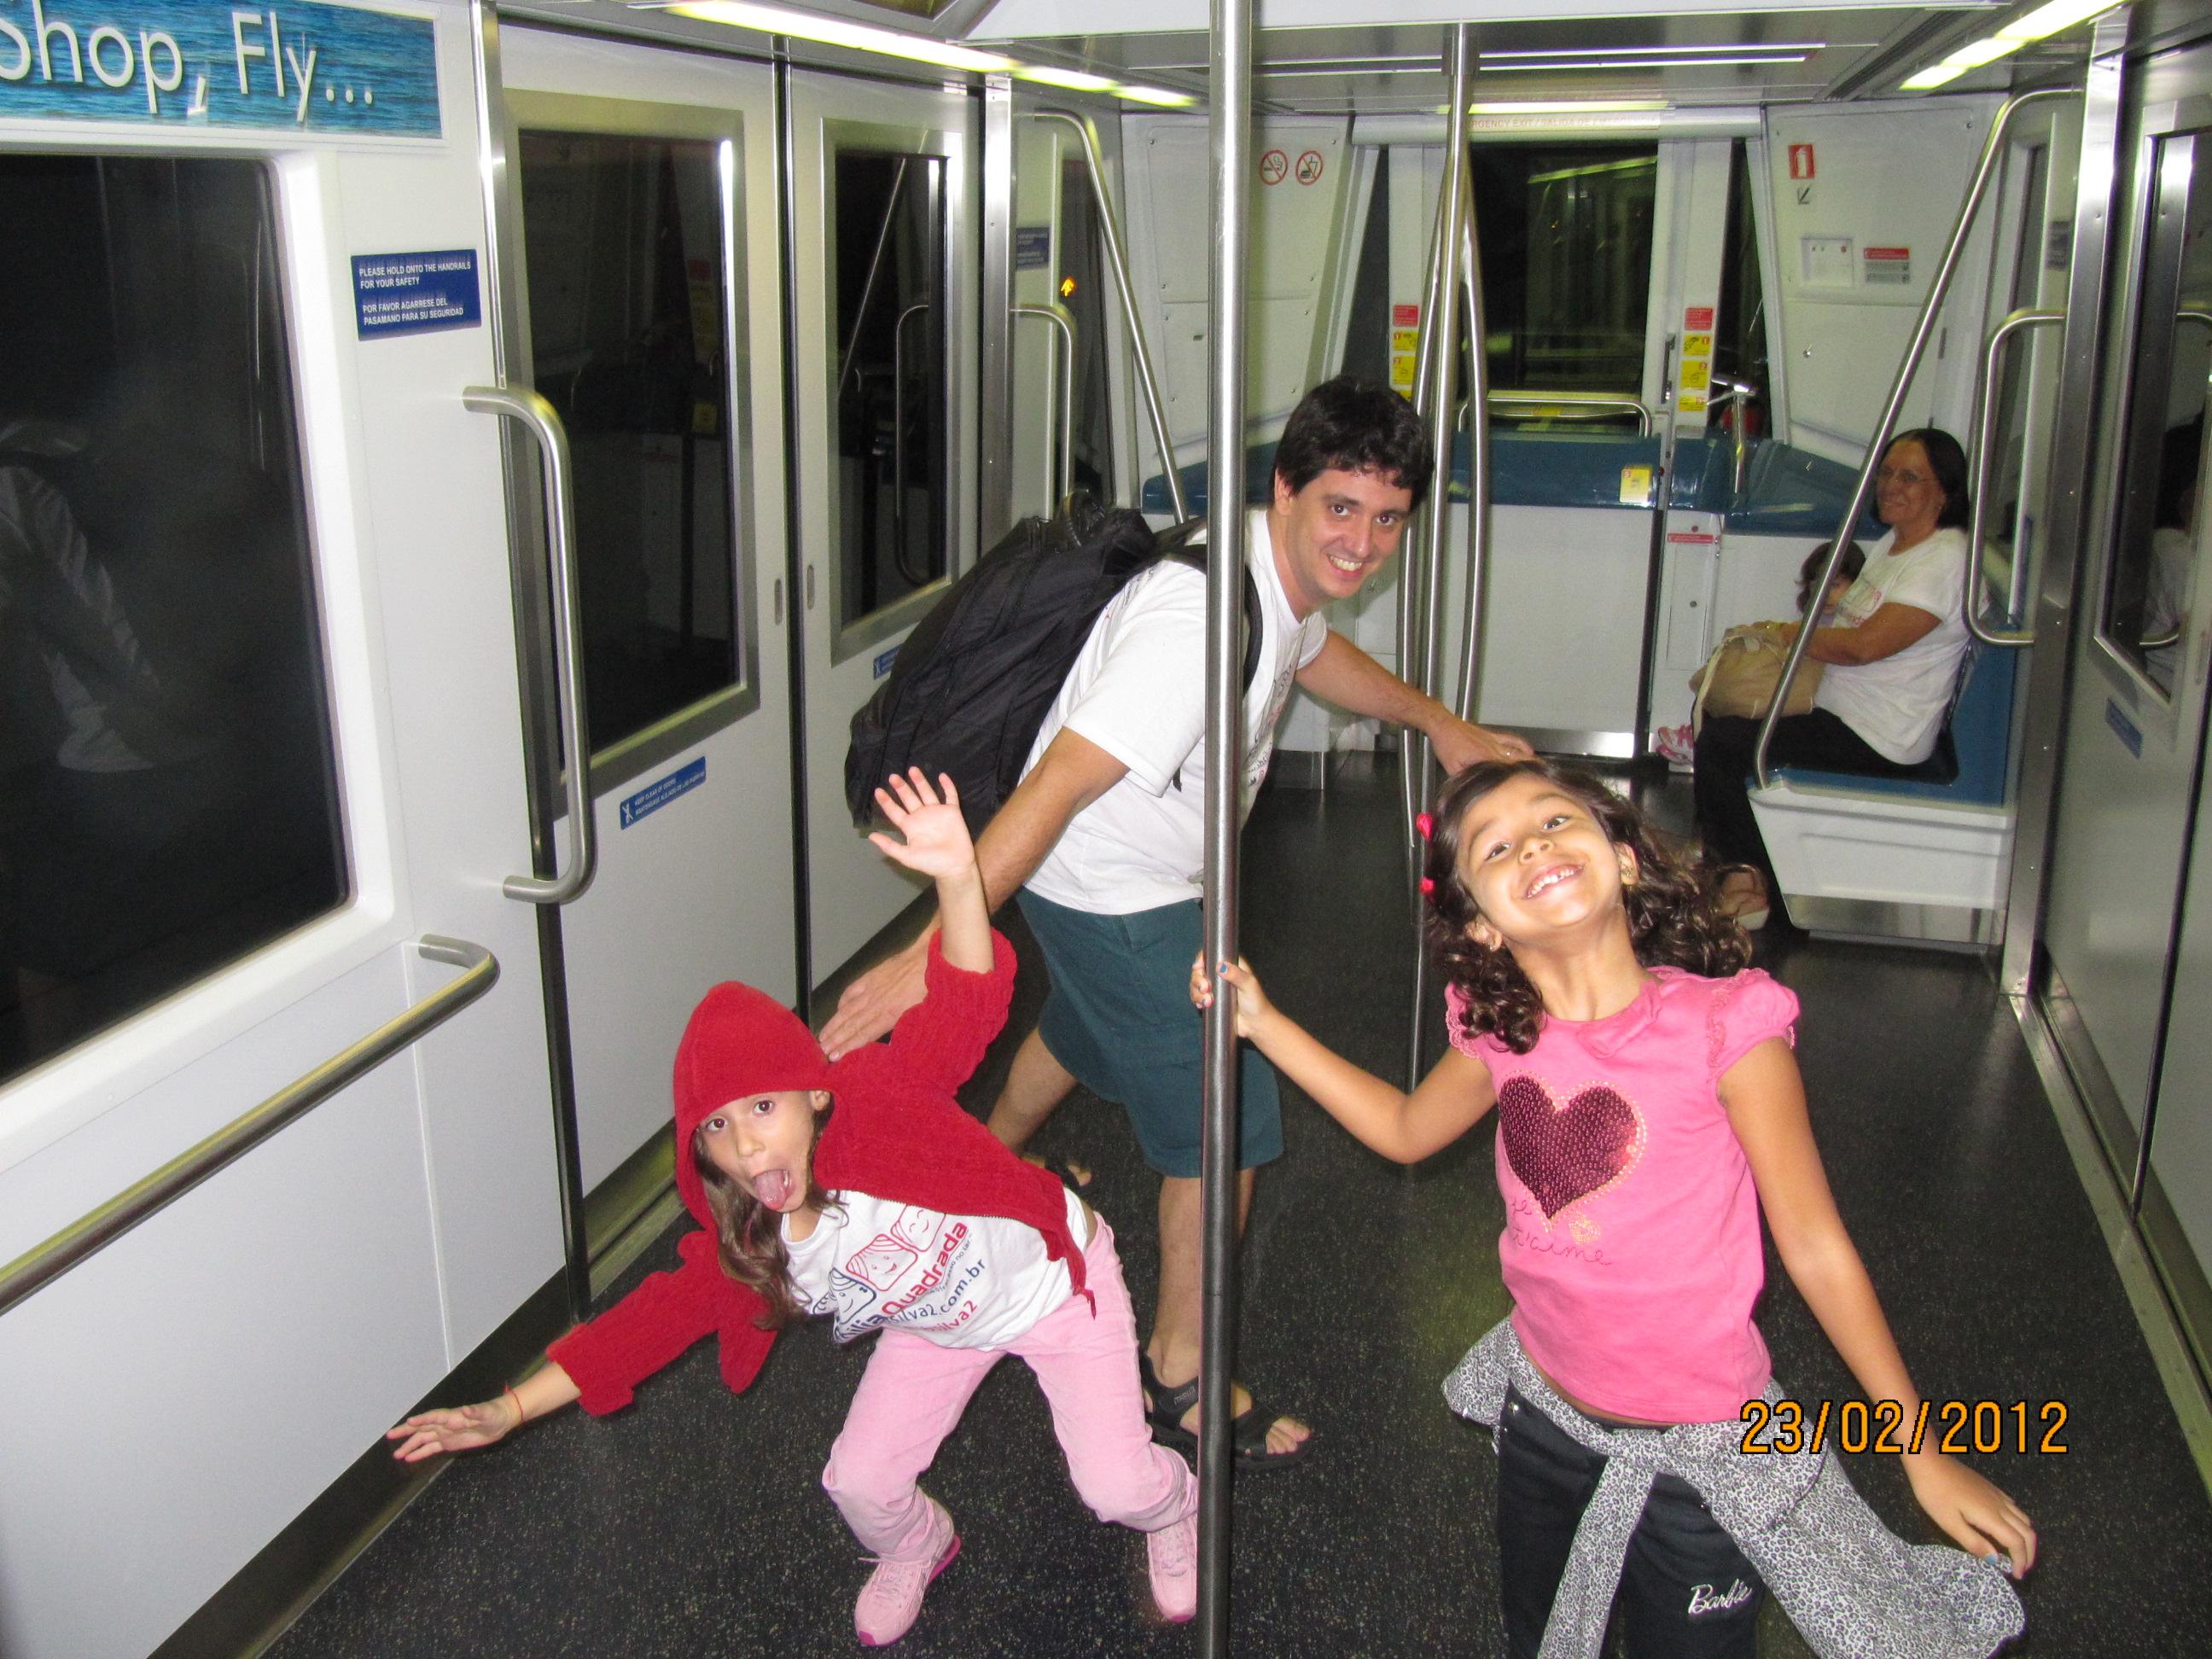 Surfando no trem do aeroporto de Miami